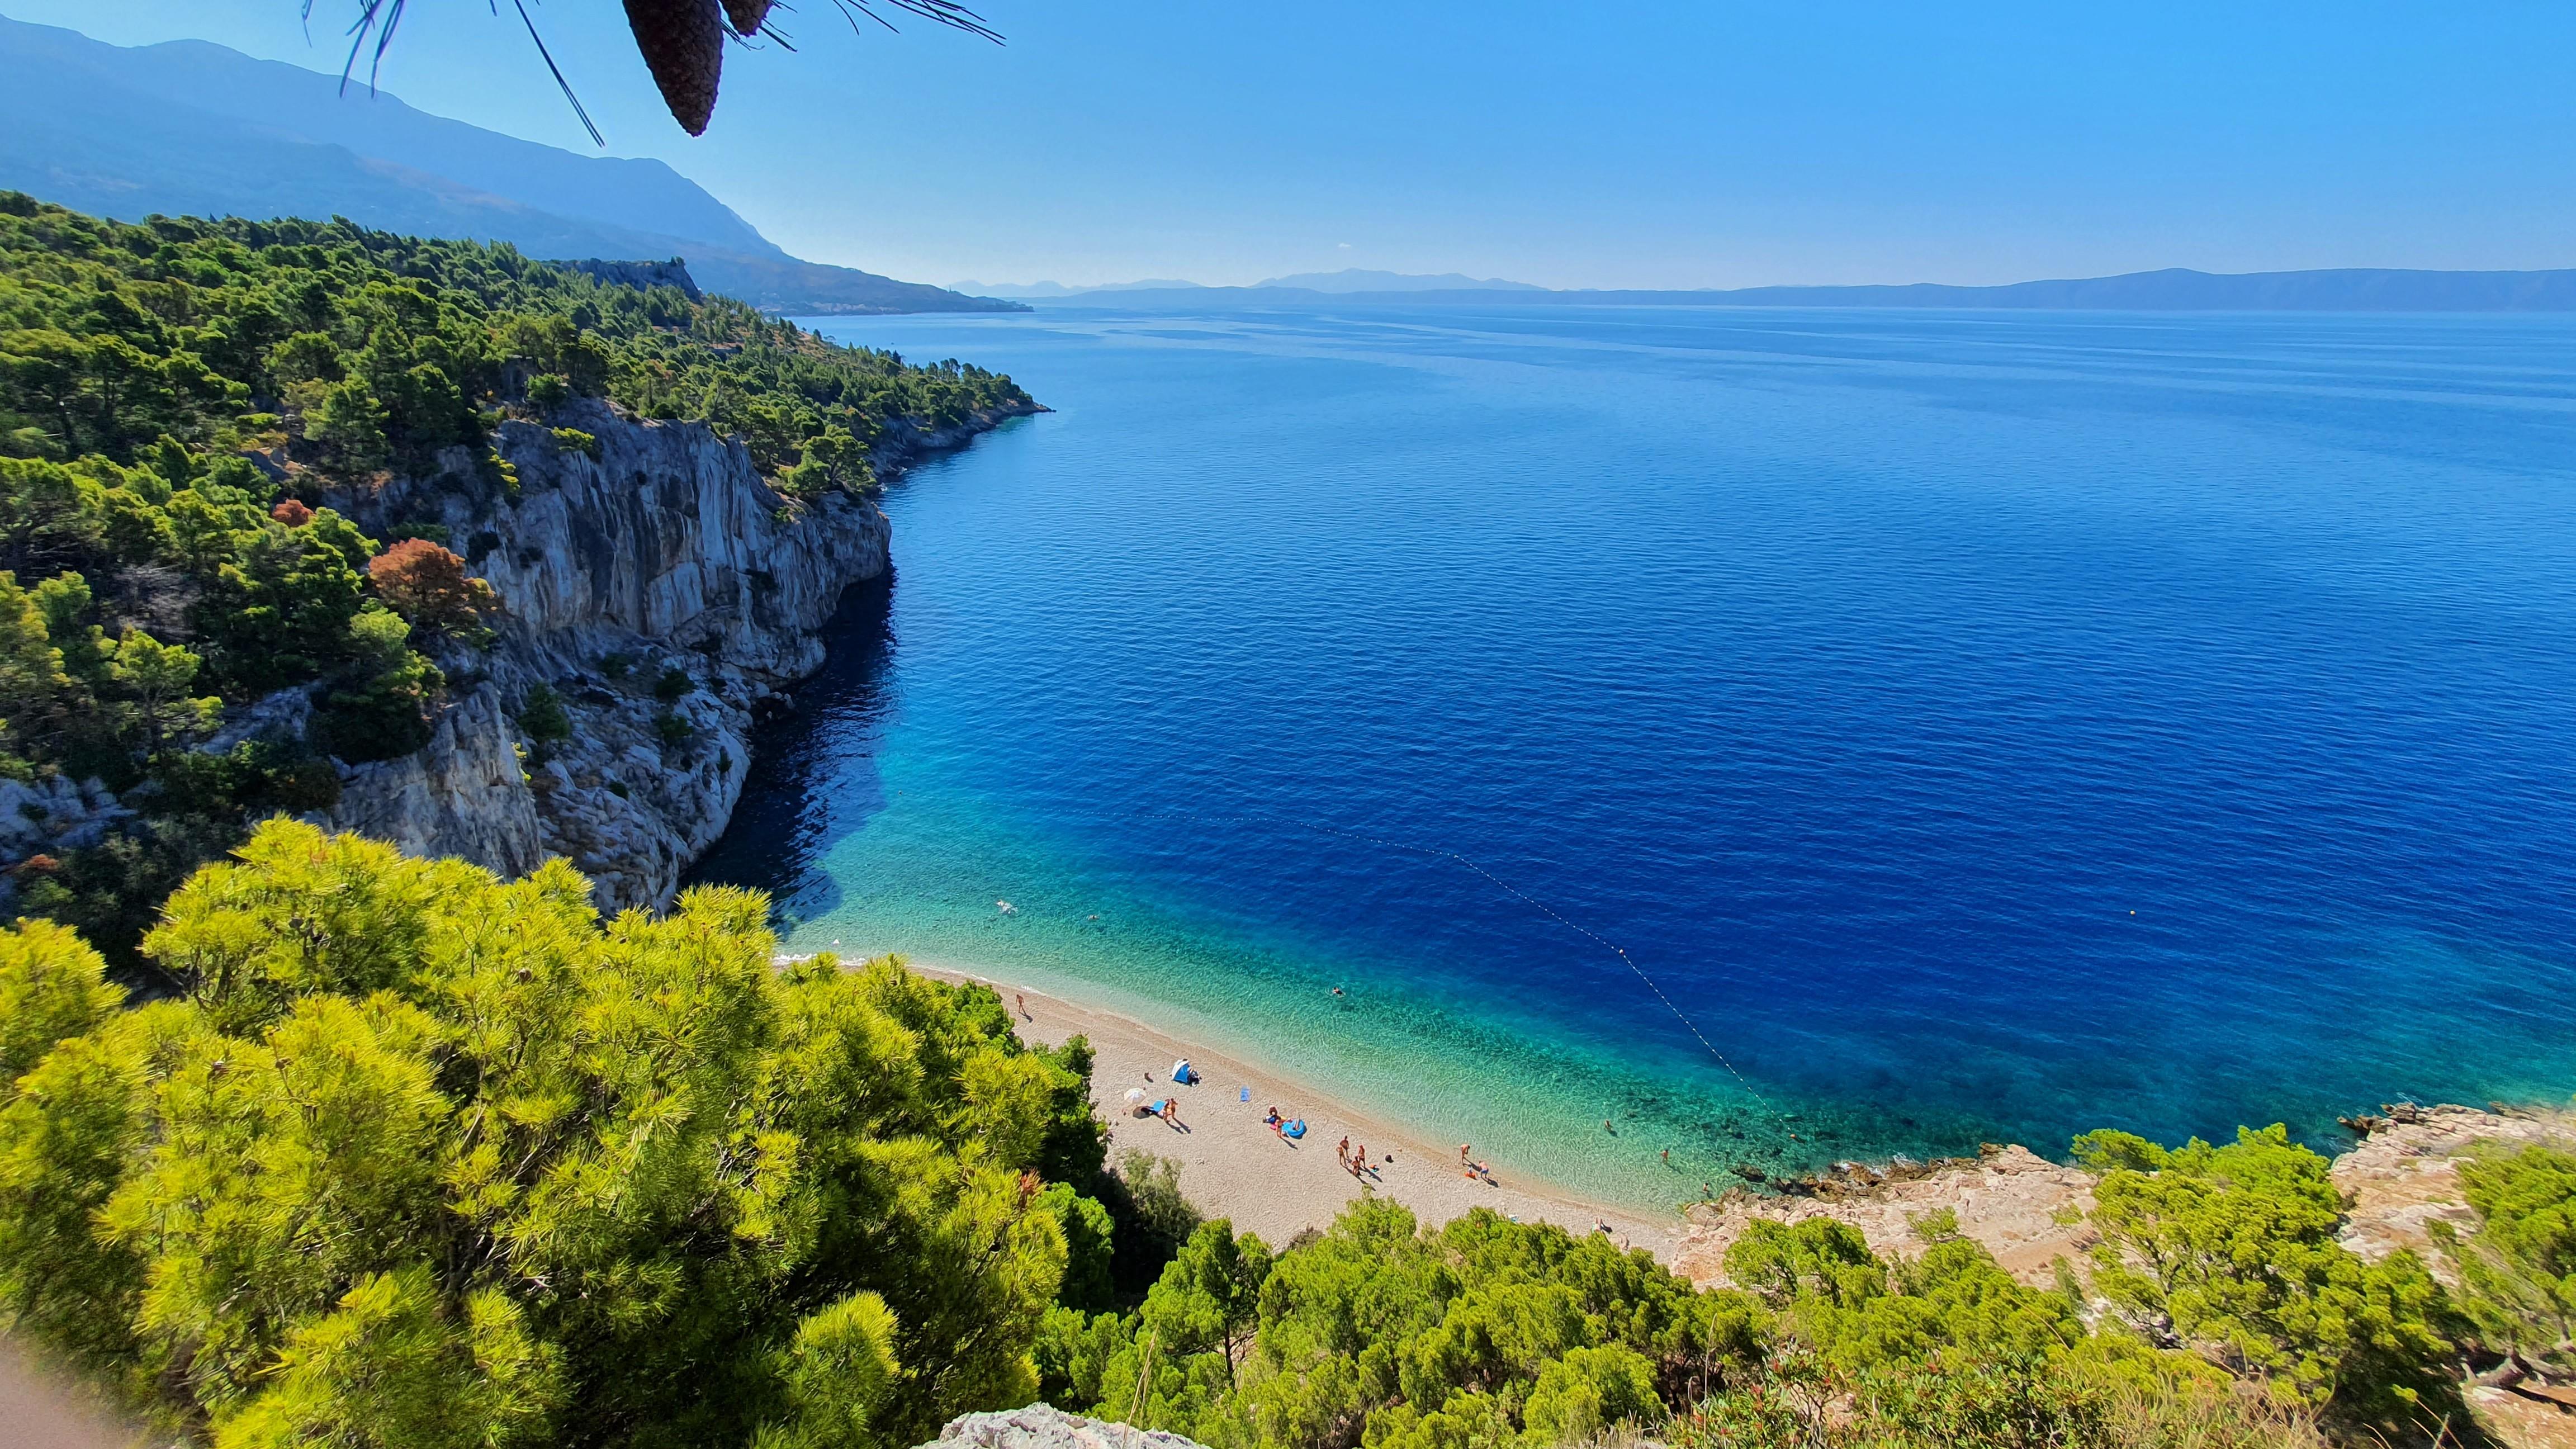 Összefoglaltuk - Ilyen feltételekkel utazhat Horvátországba 2021 nyarán